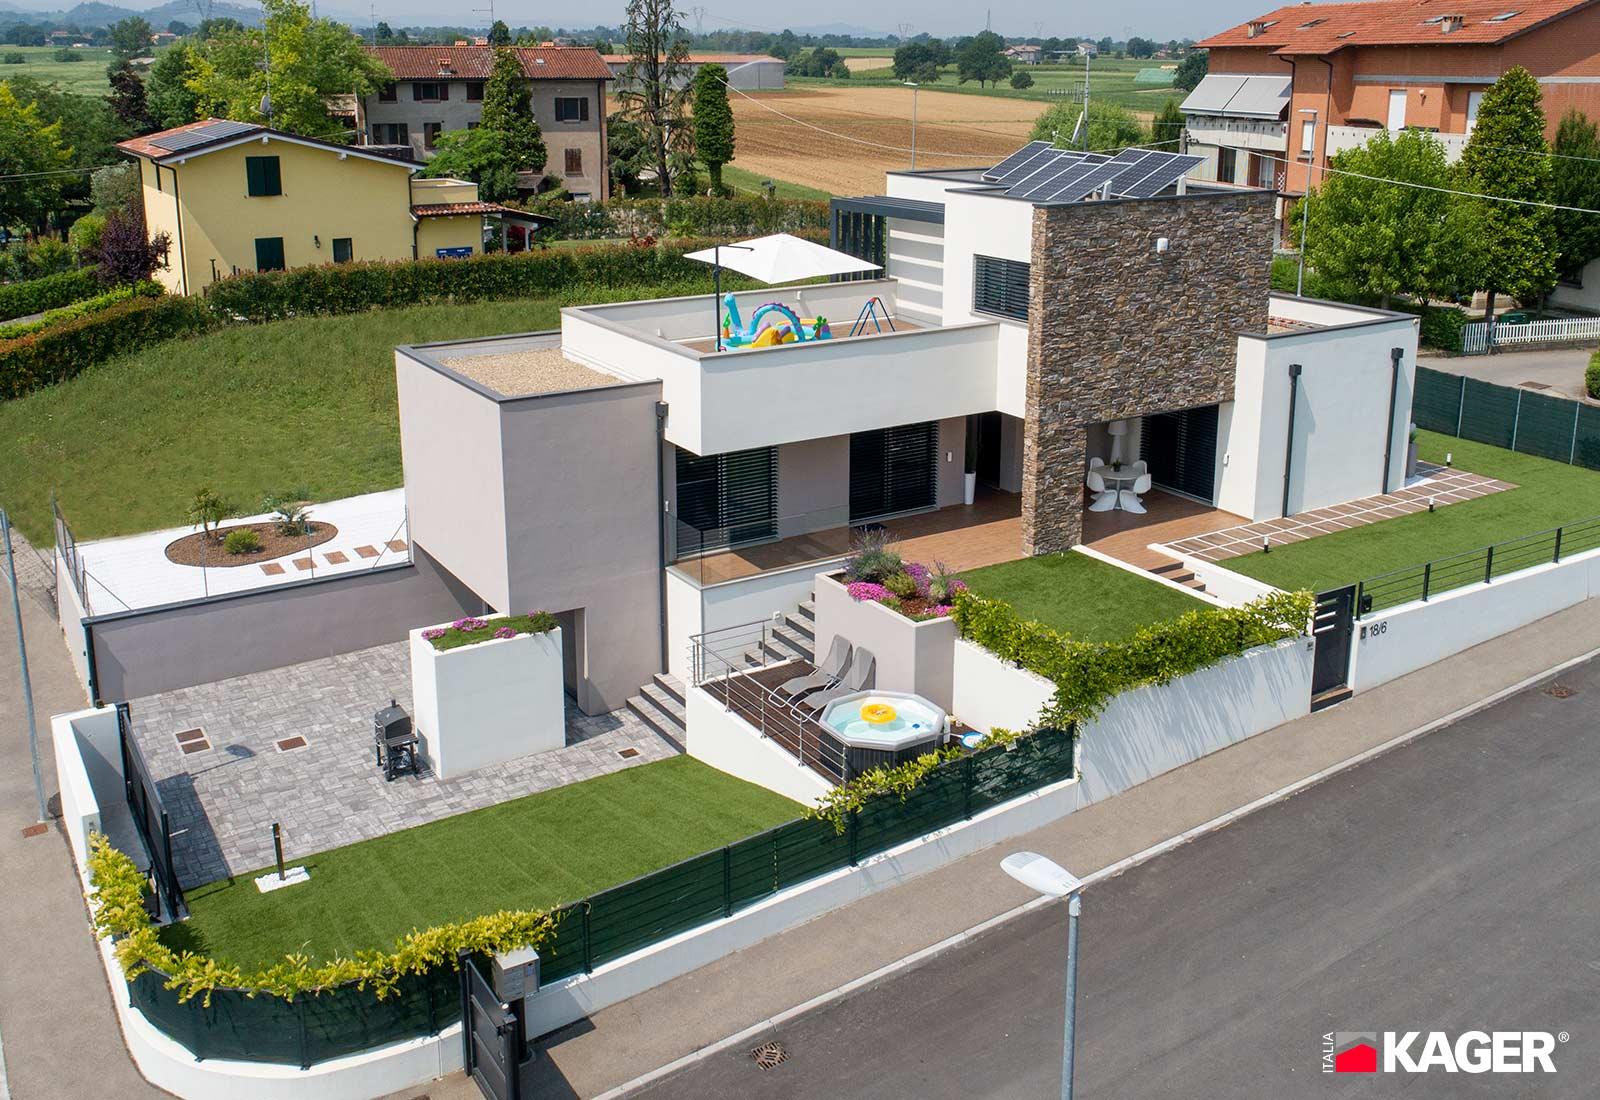 Casa-in-legno-Reggio-Emilia-Kager-Italia-02